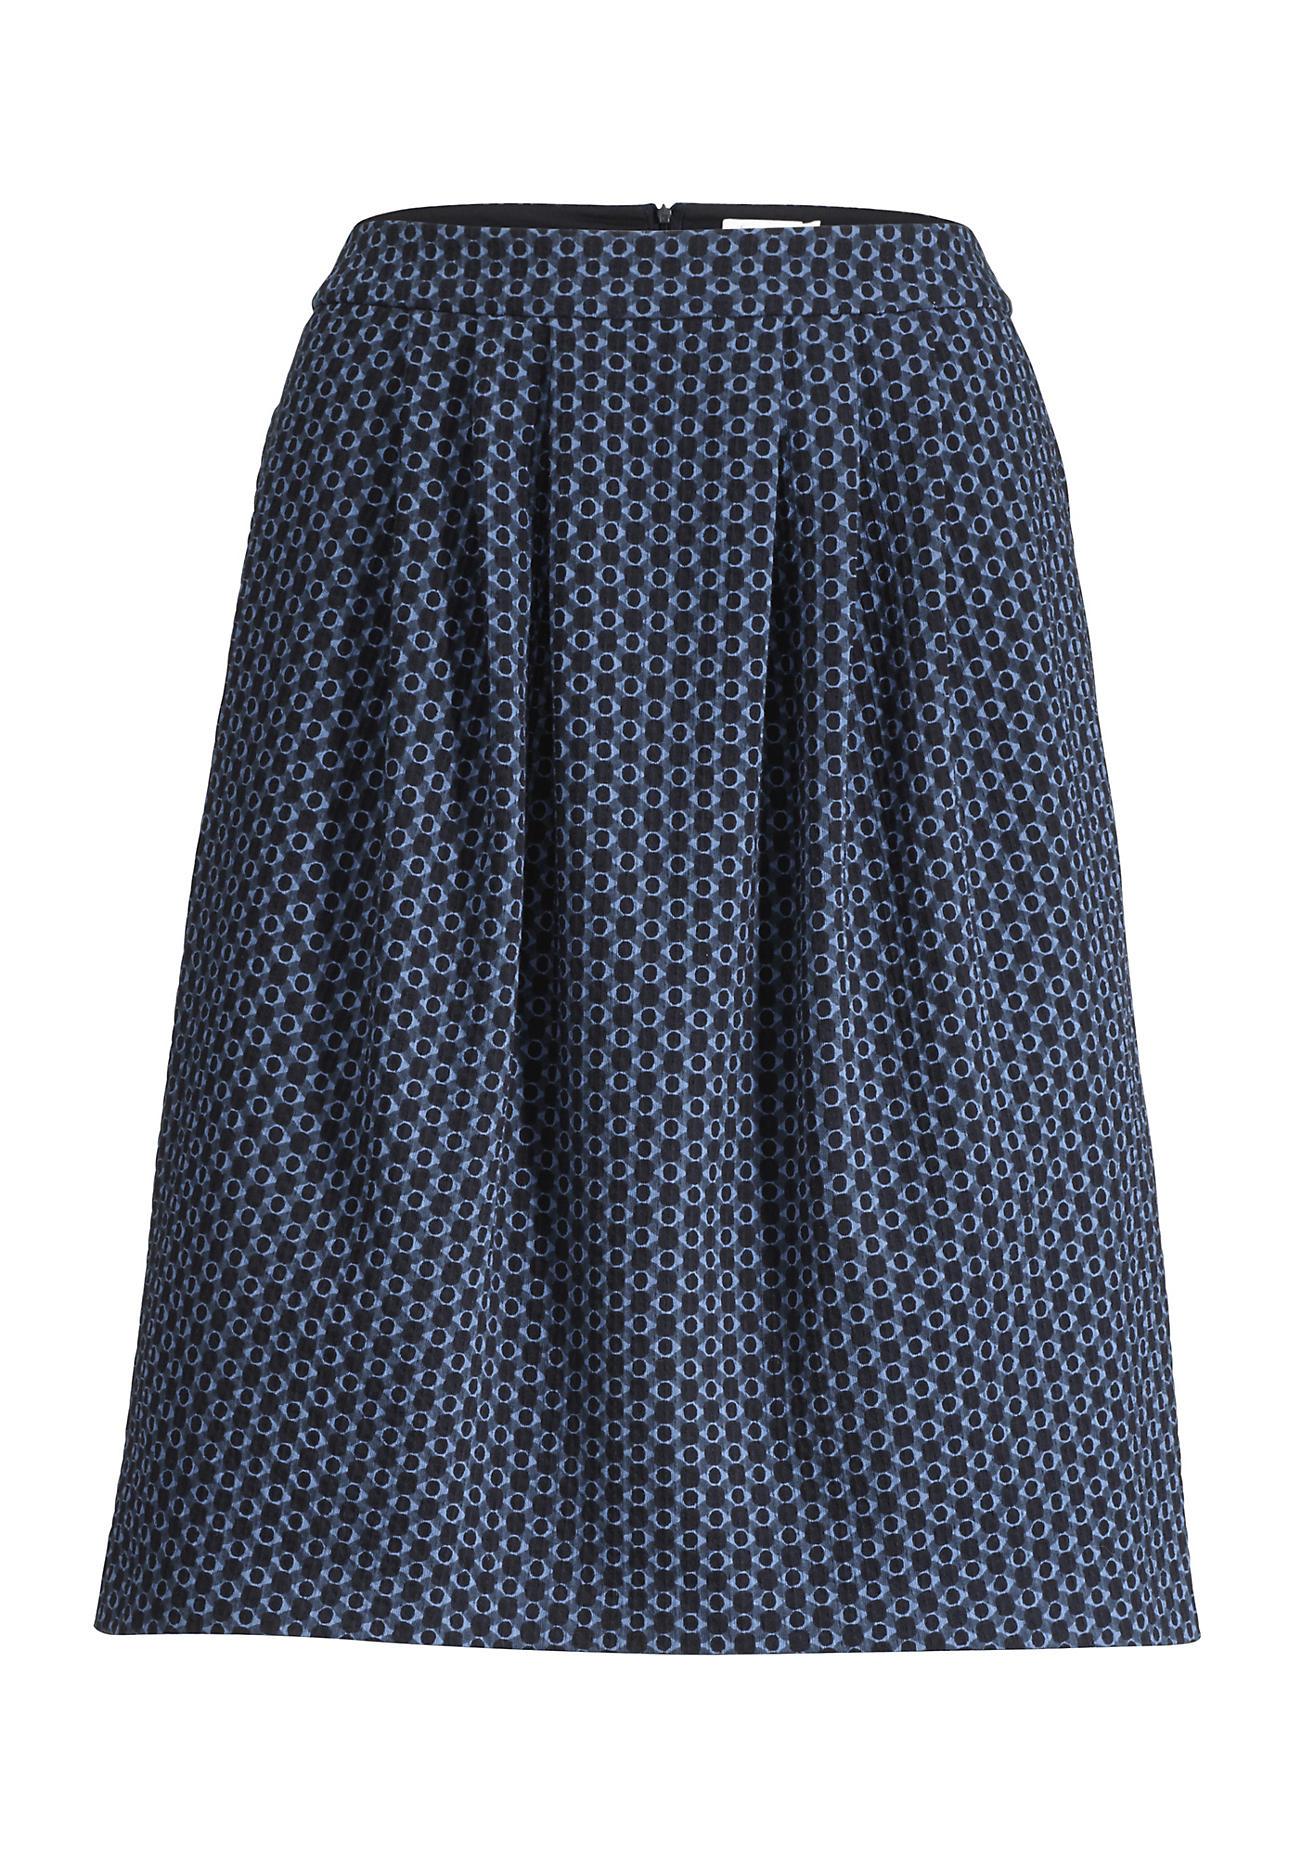 hessnatur -  Damen Jerseyrock aus Bio-Baumwolle – blau – Größe 46